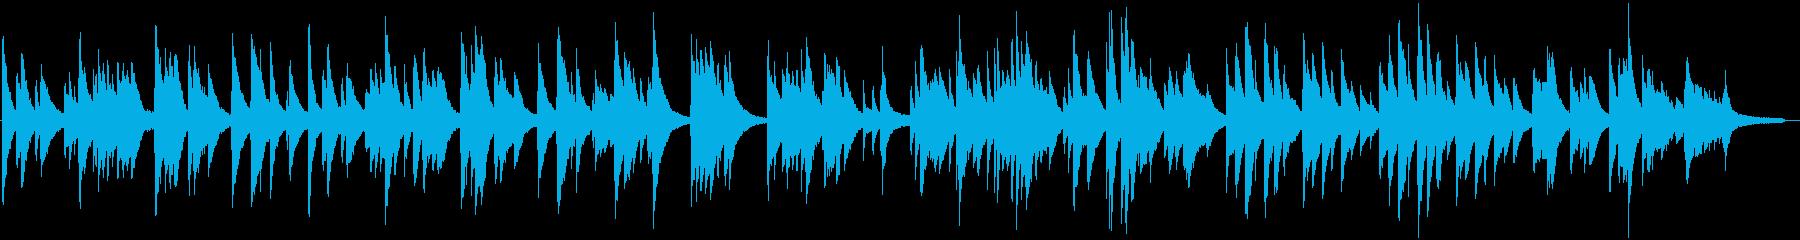 切ないドラマ仕立て的なピアノ曲の再生済みの波形